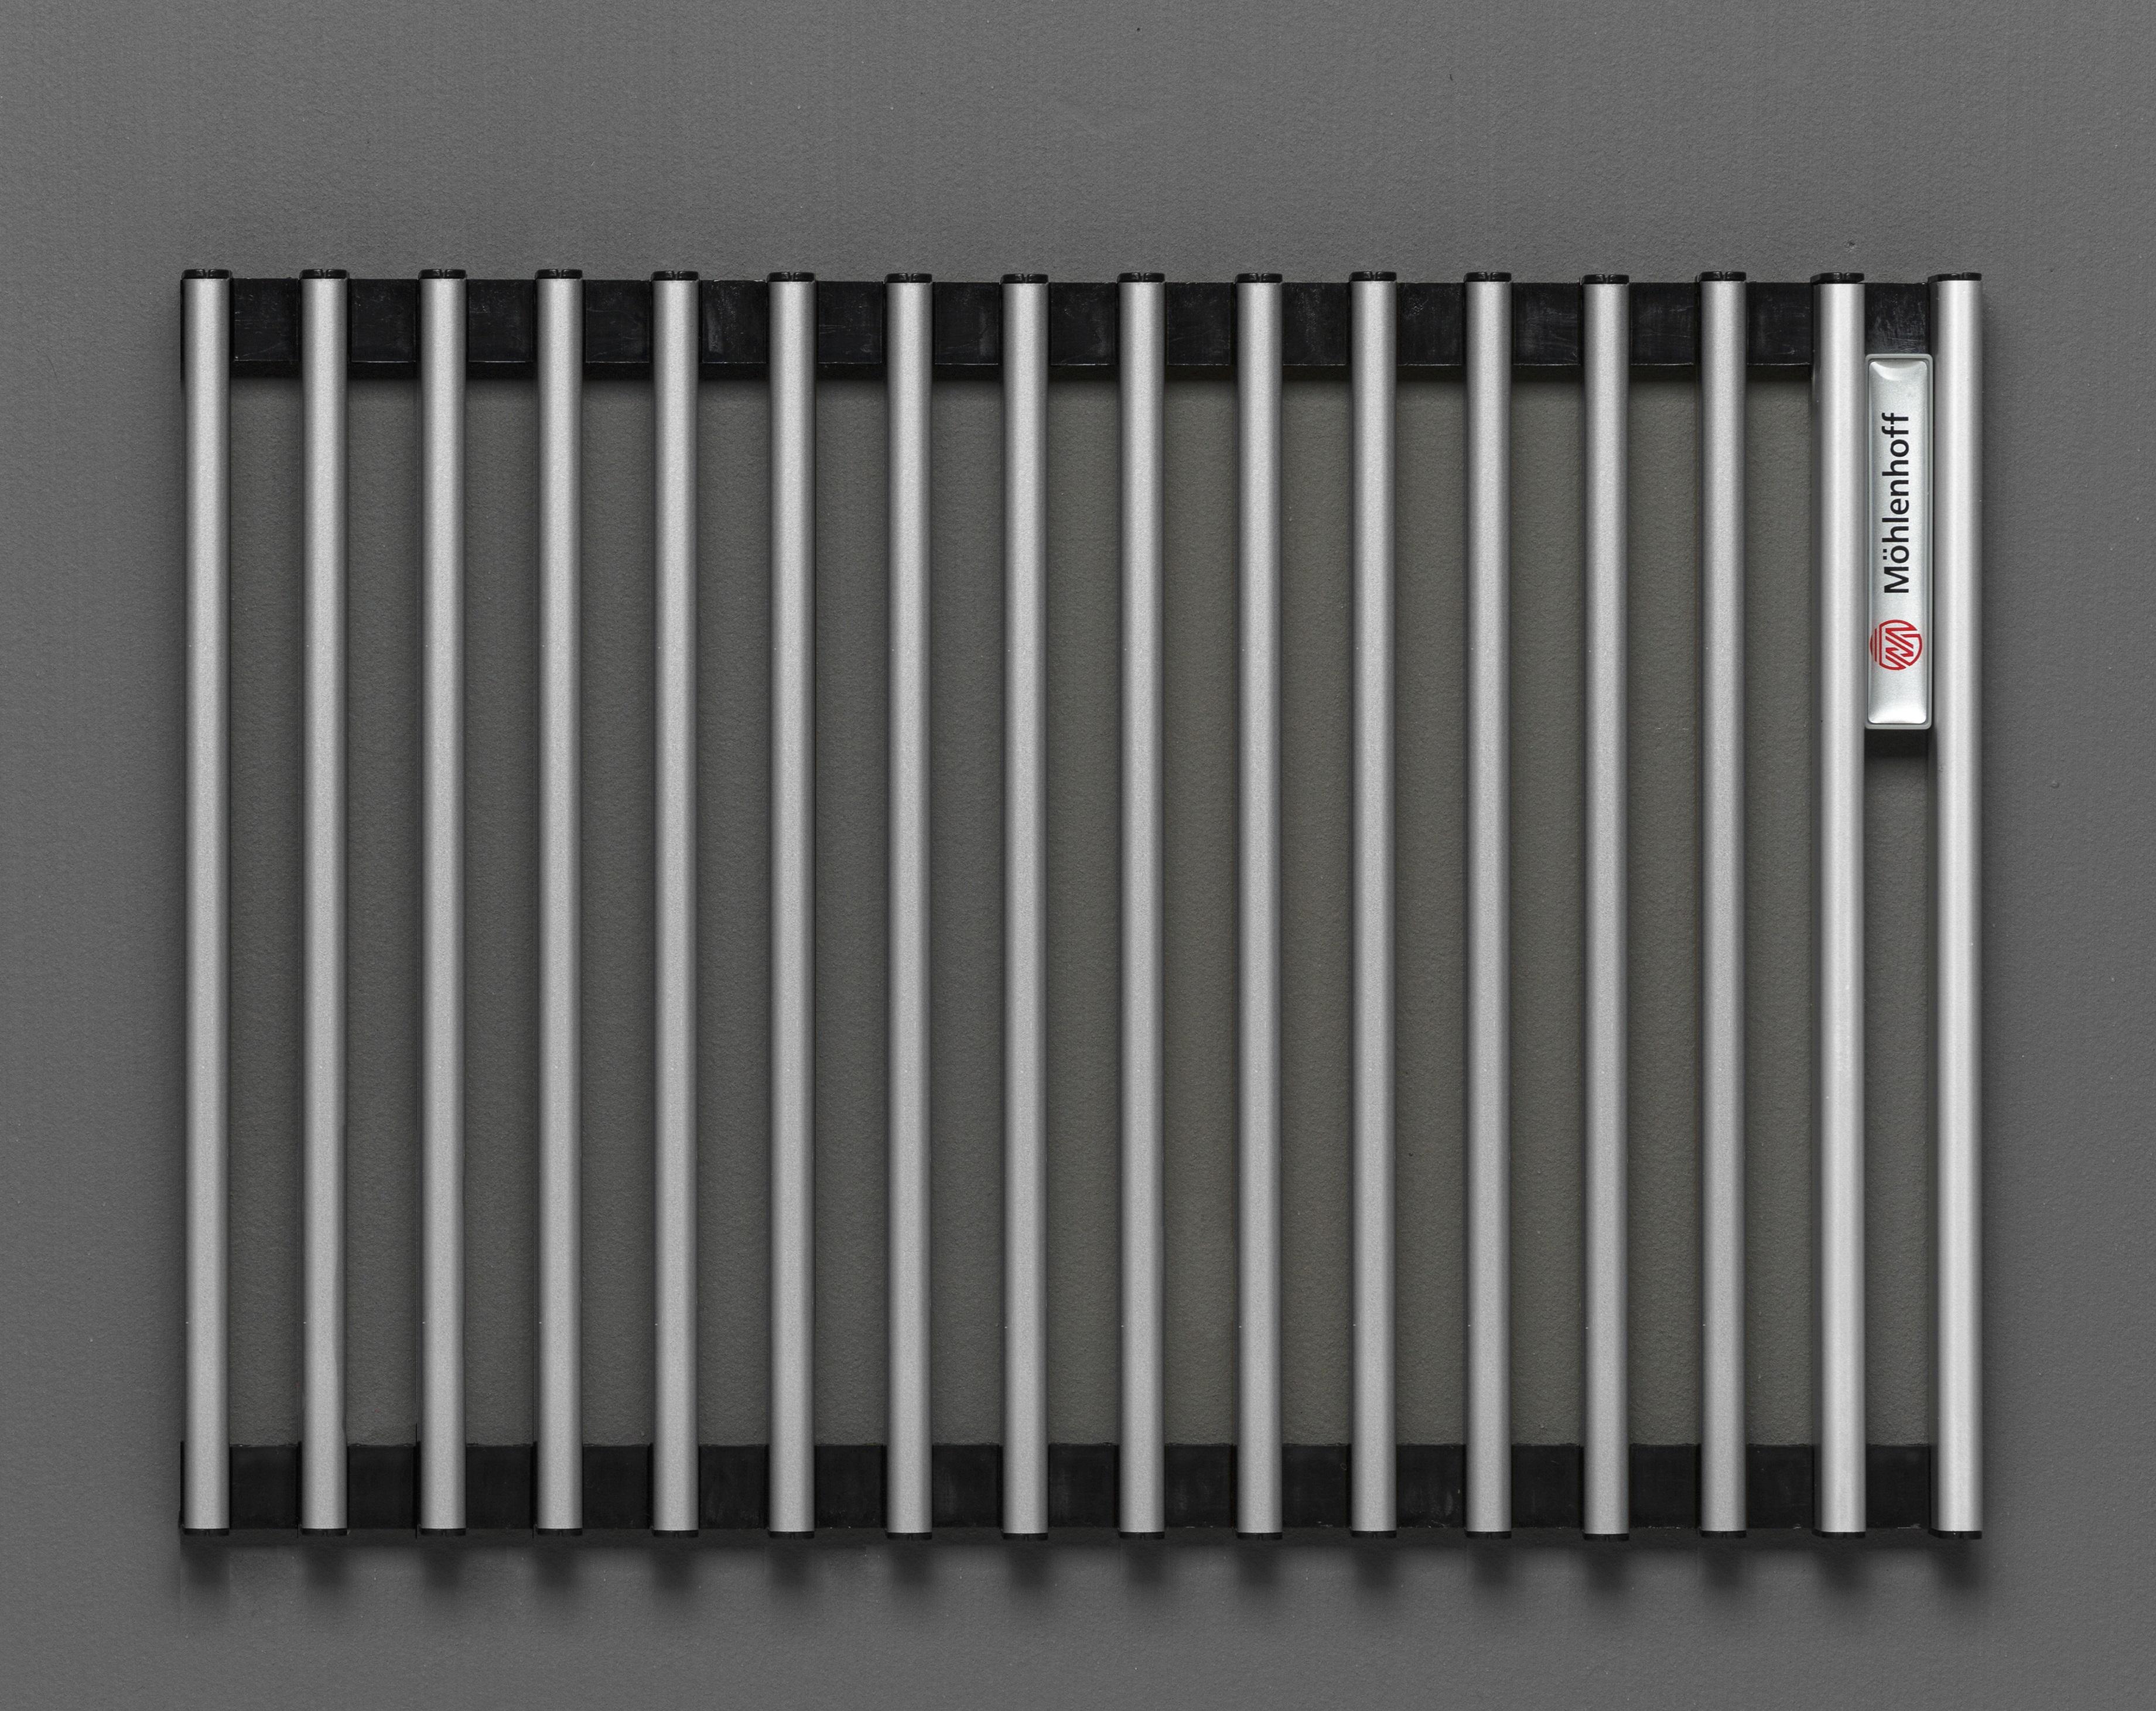 Купить Декоративная решётка Mohlenhoff натуральный алюминий, шириной 180 мм 1 пог. м, Россия